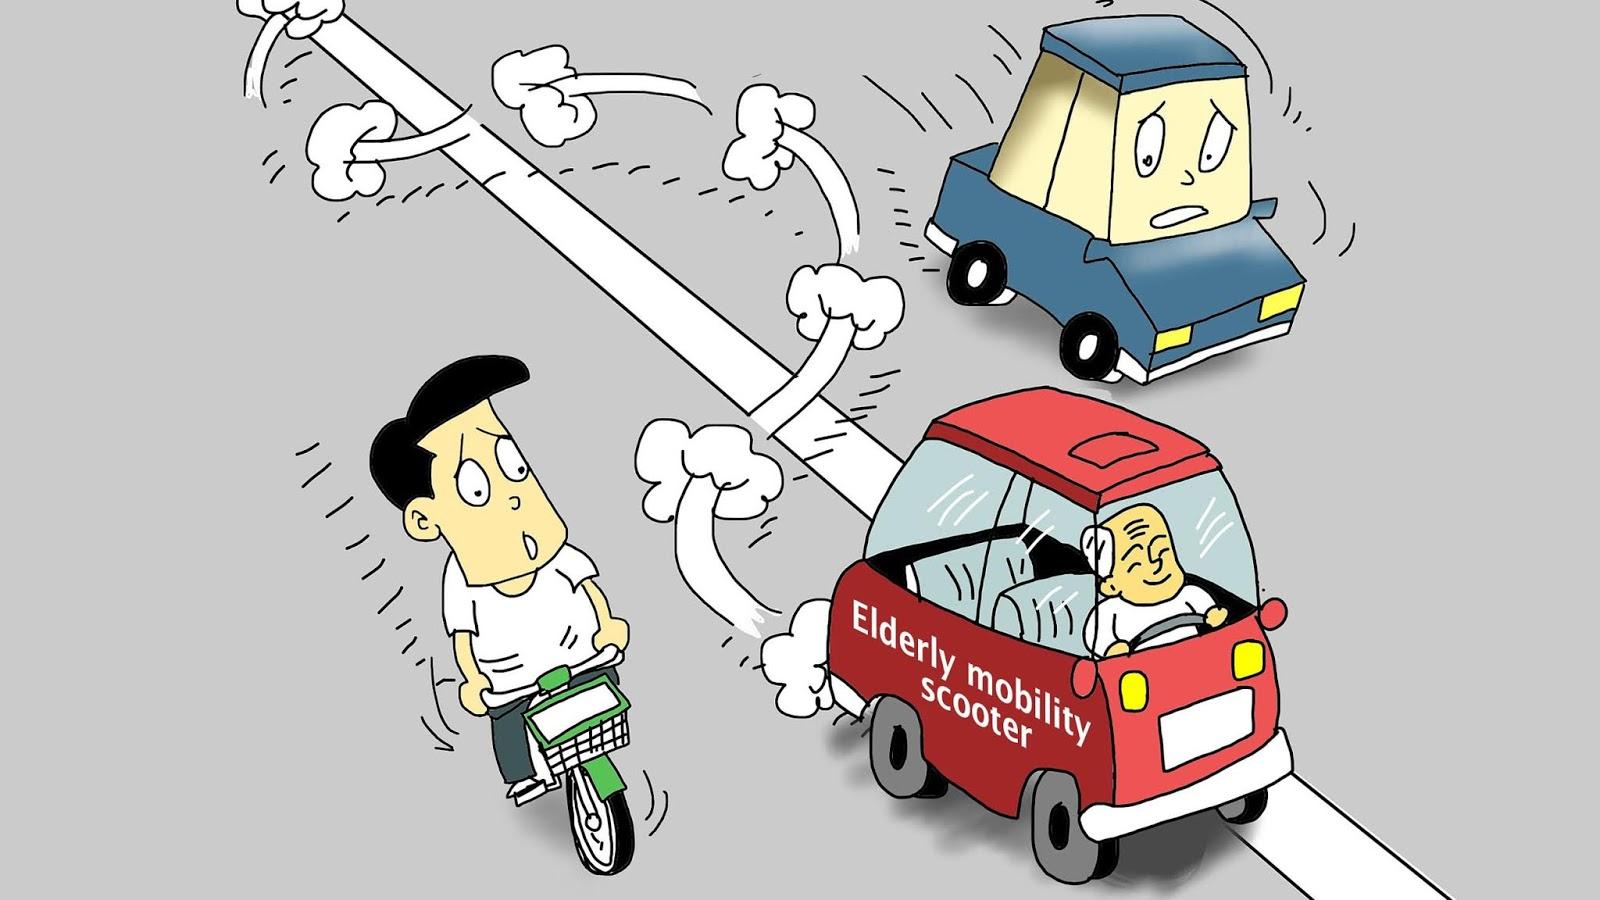 不小心駕駛是比較常見的交通罪行,任何人在道路上駕駛車輛時,如無適當的謹慎及專注,或未有合理顧及其他使用該道路的人,便屬不小心駕駛,最高刑罰是罰款5,000元及監禁6個月。